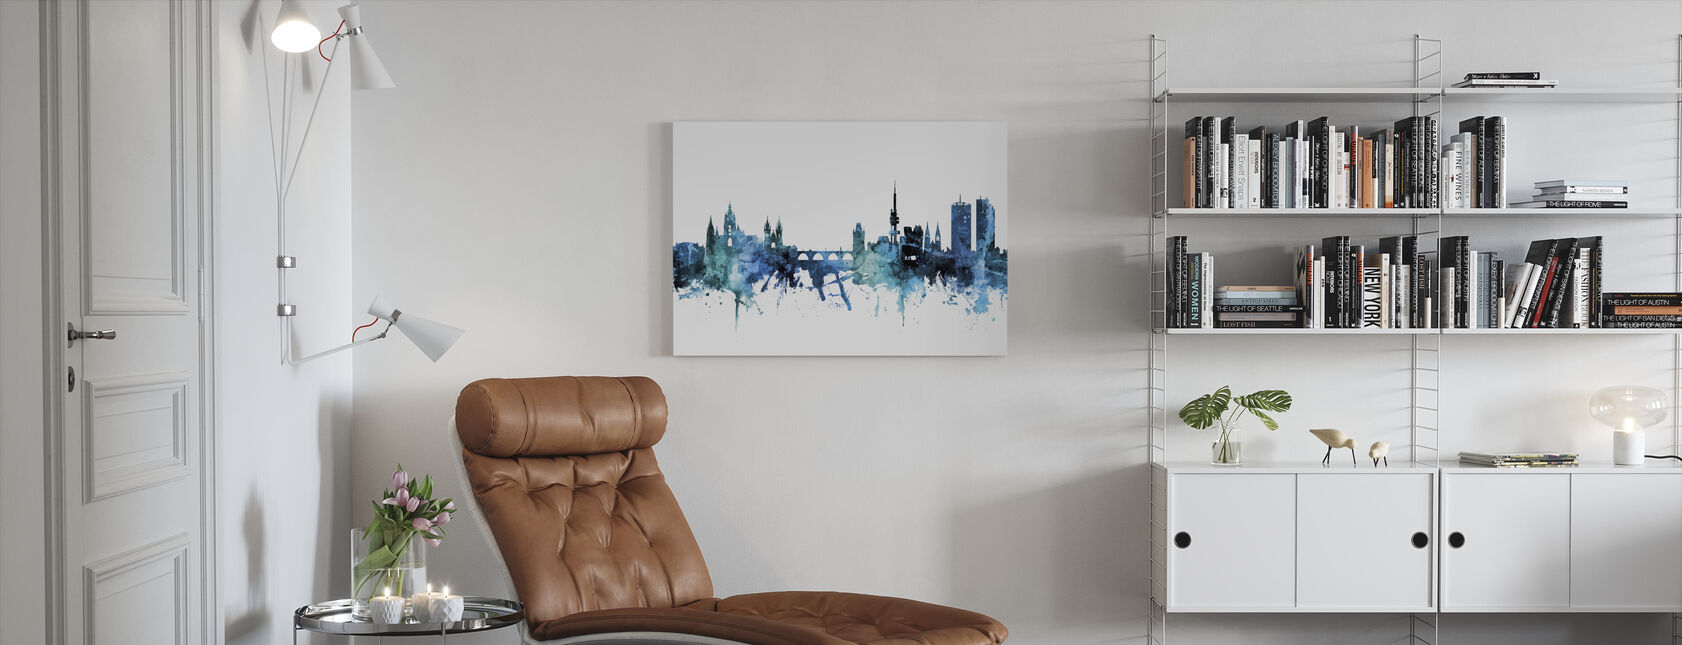 Praag (Praha) Skyline van Tsjechië - Canvas print - Woonkamer